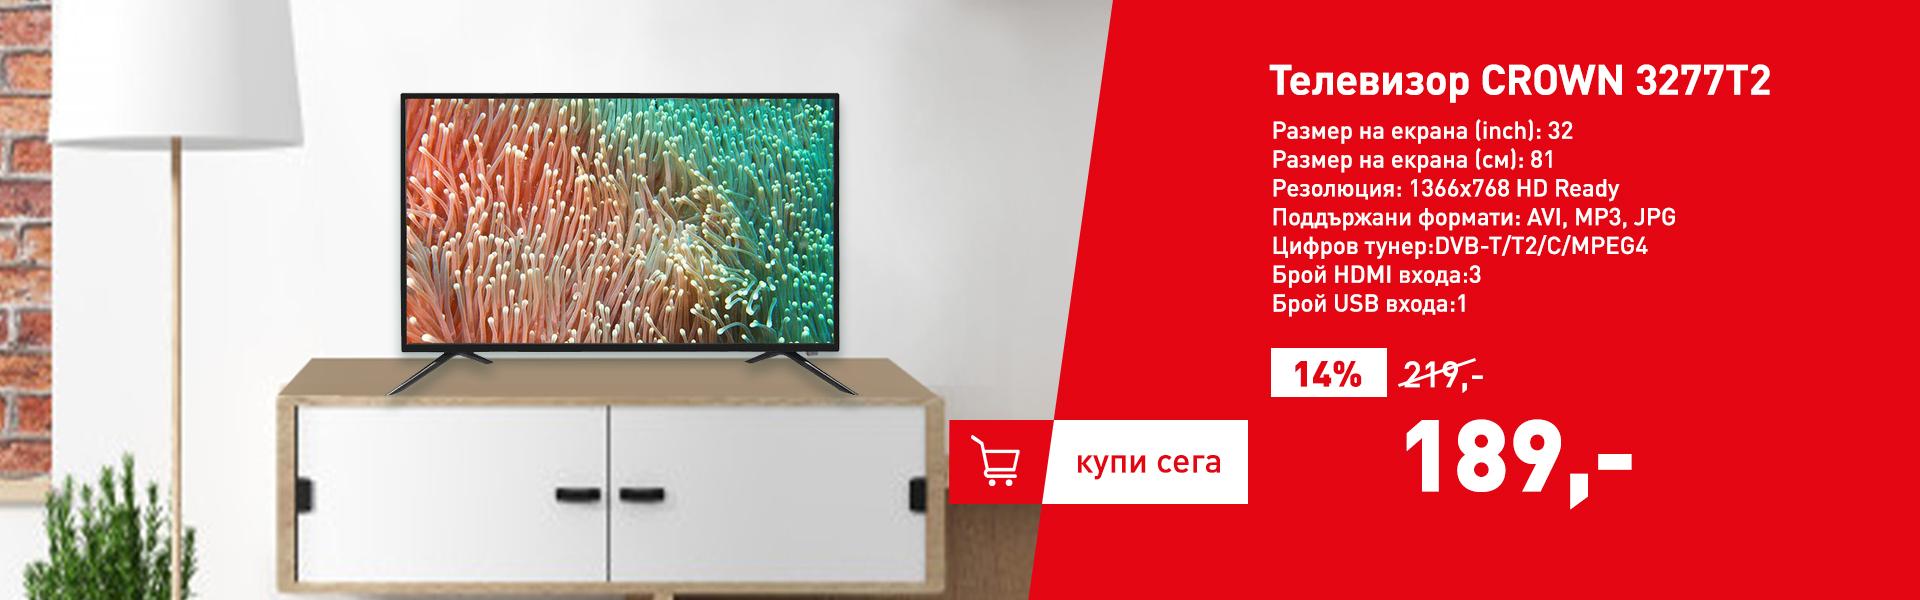 Телевизор CROWN